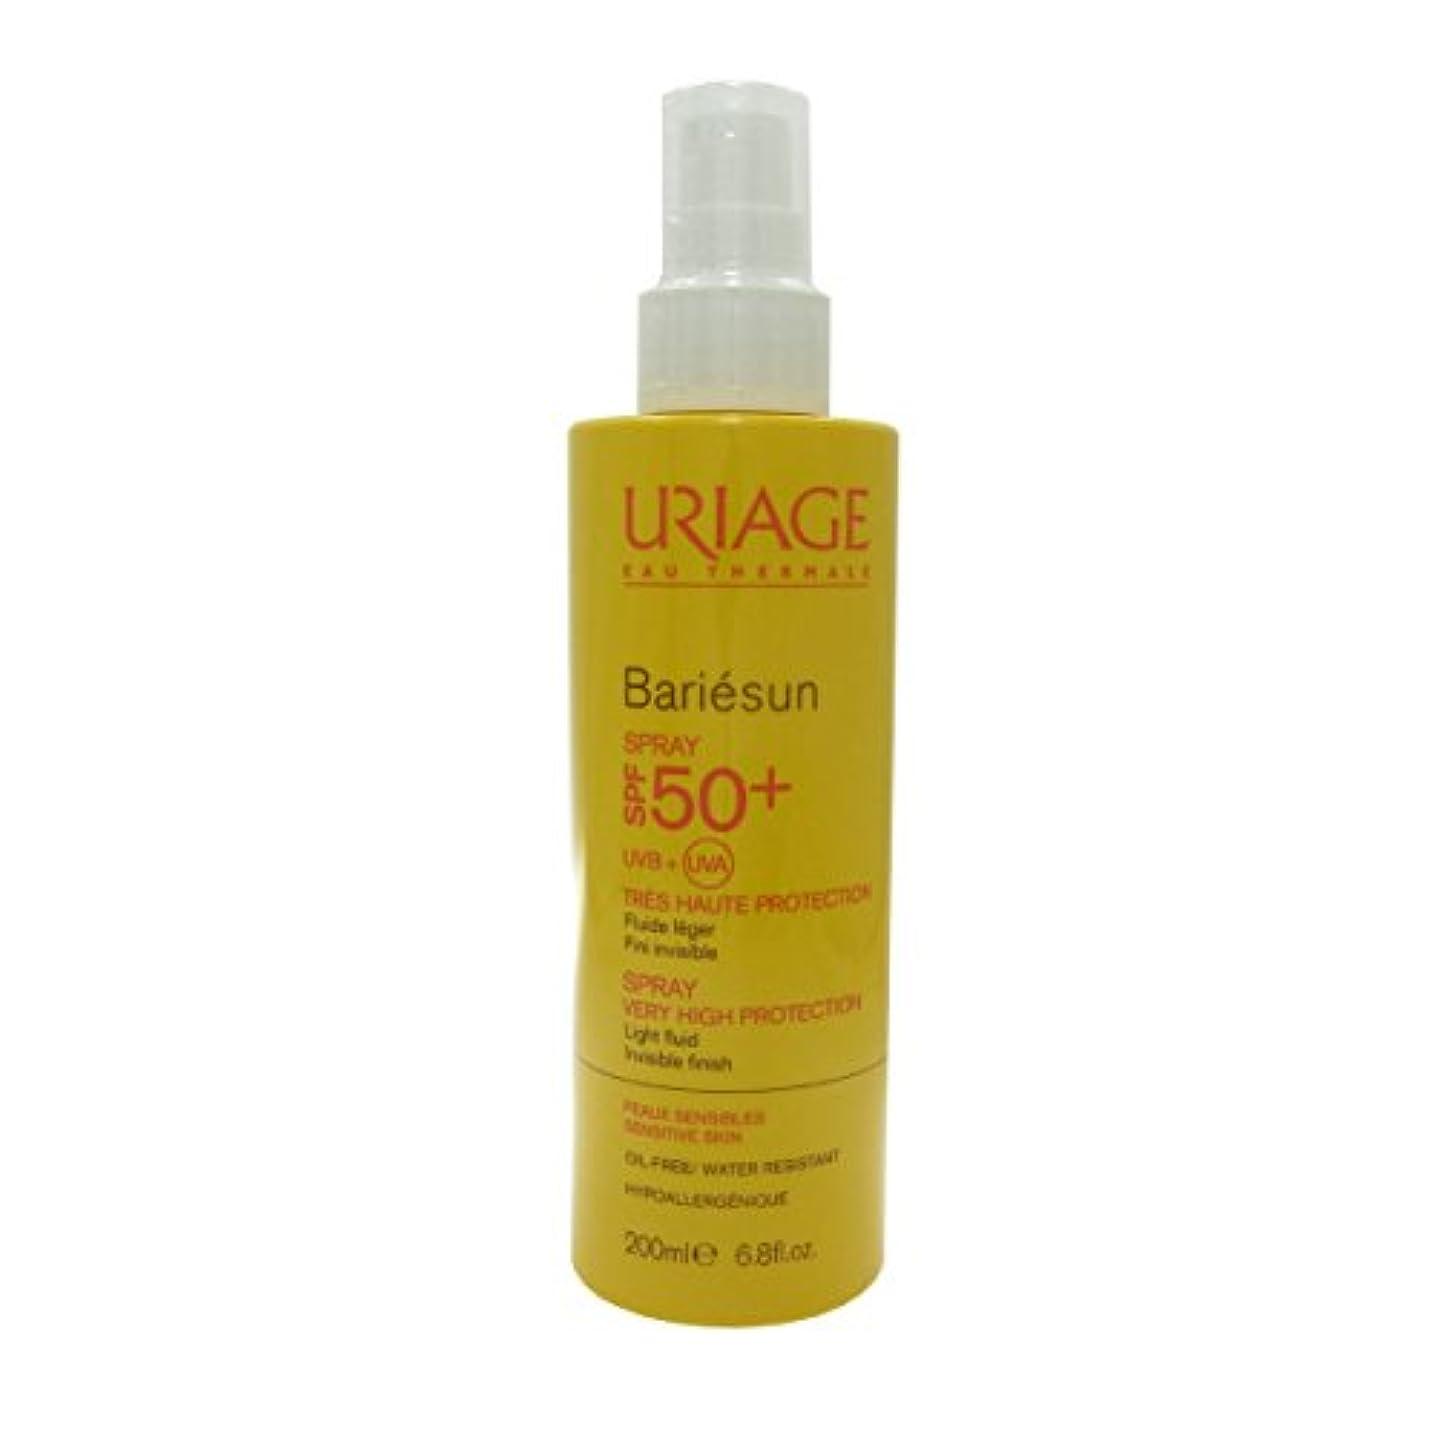 却下する悪化する自慢Uriage Bariesun Spray Spf 50+ 200ml [並行輸入品]